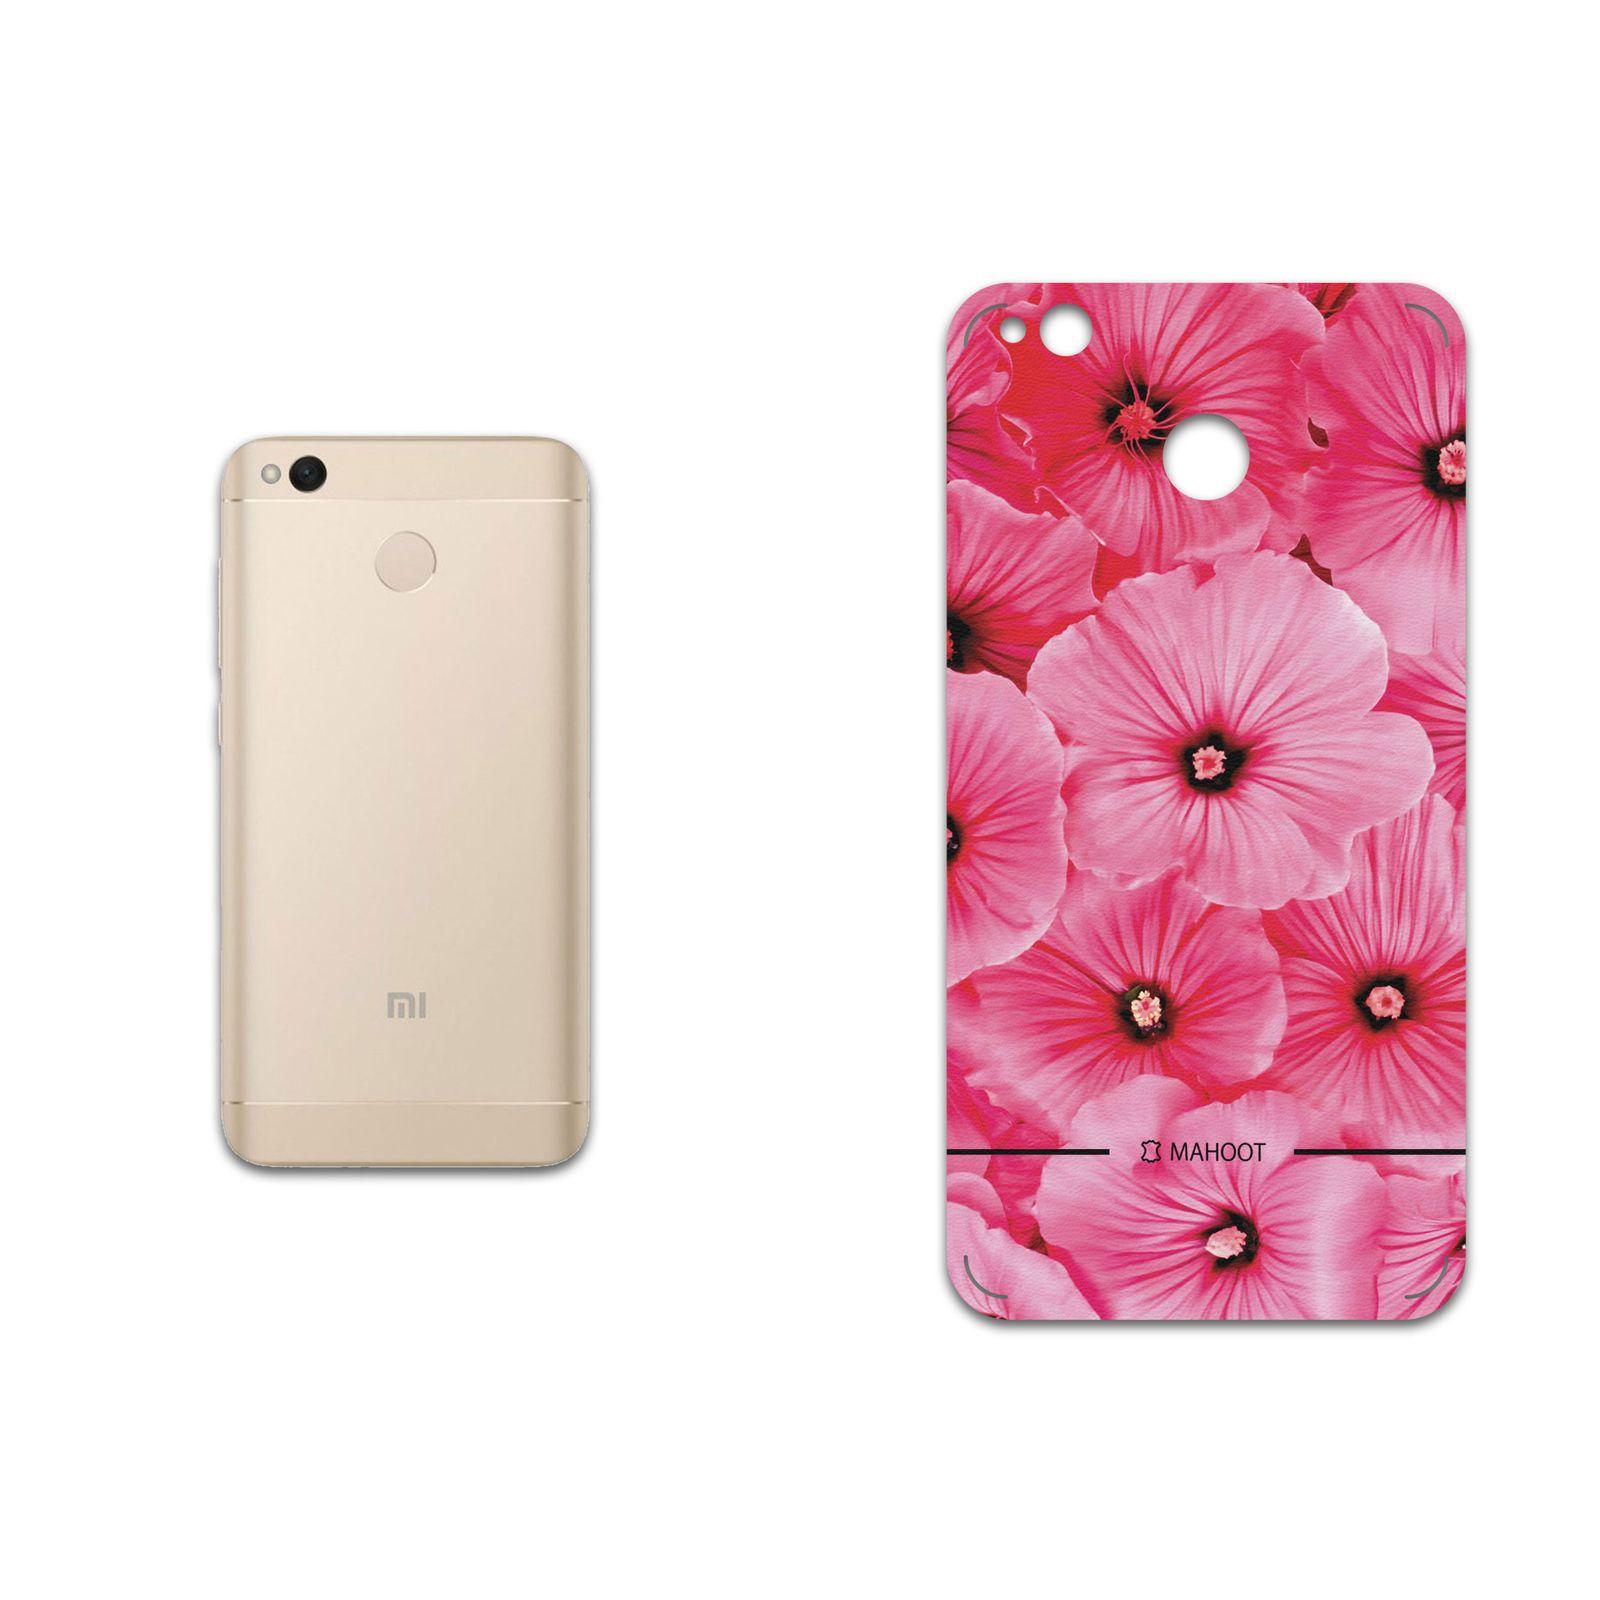 برچسب پوششی ماهوت مدل Pink-Flower مناسب برای گوشی موبایل شیائومی Redmi 4X main 1 1